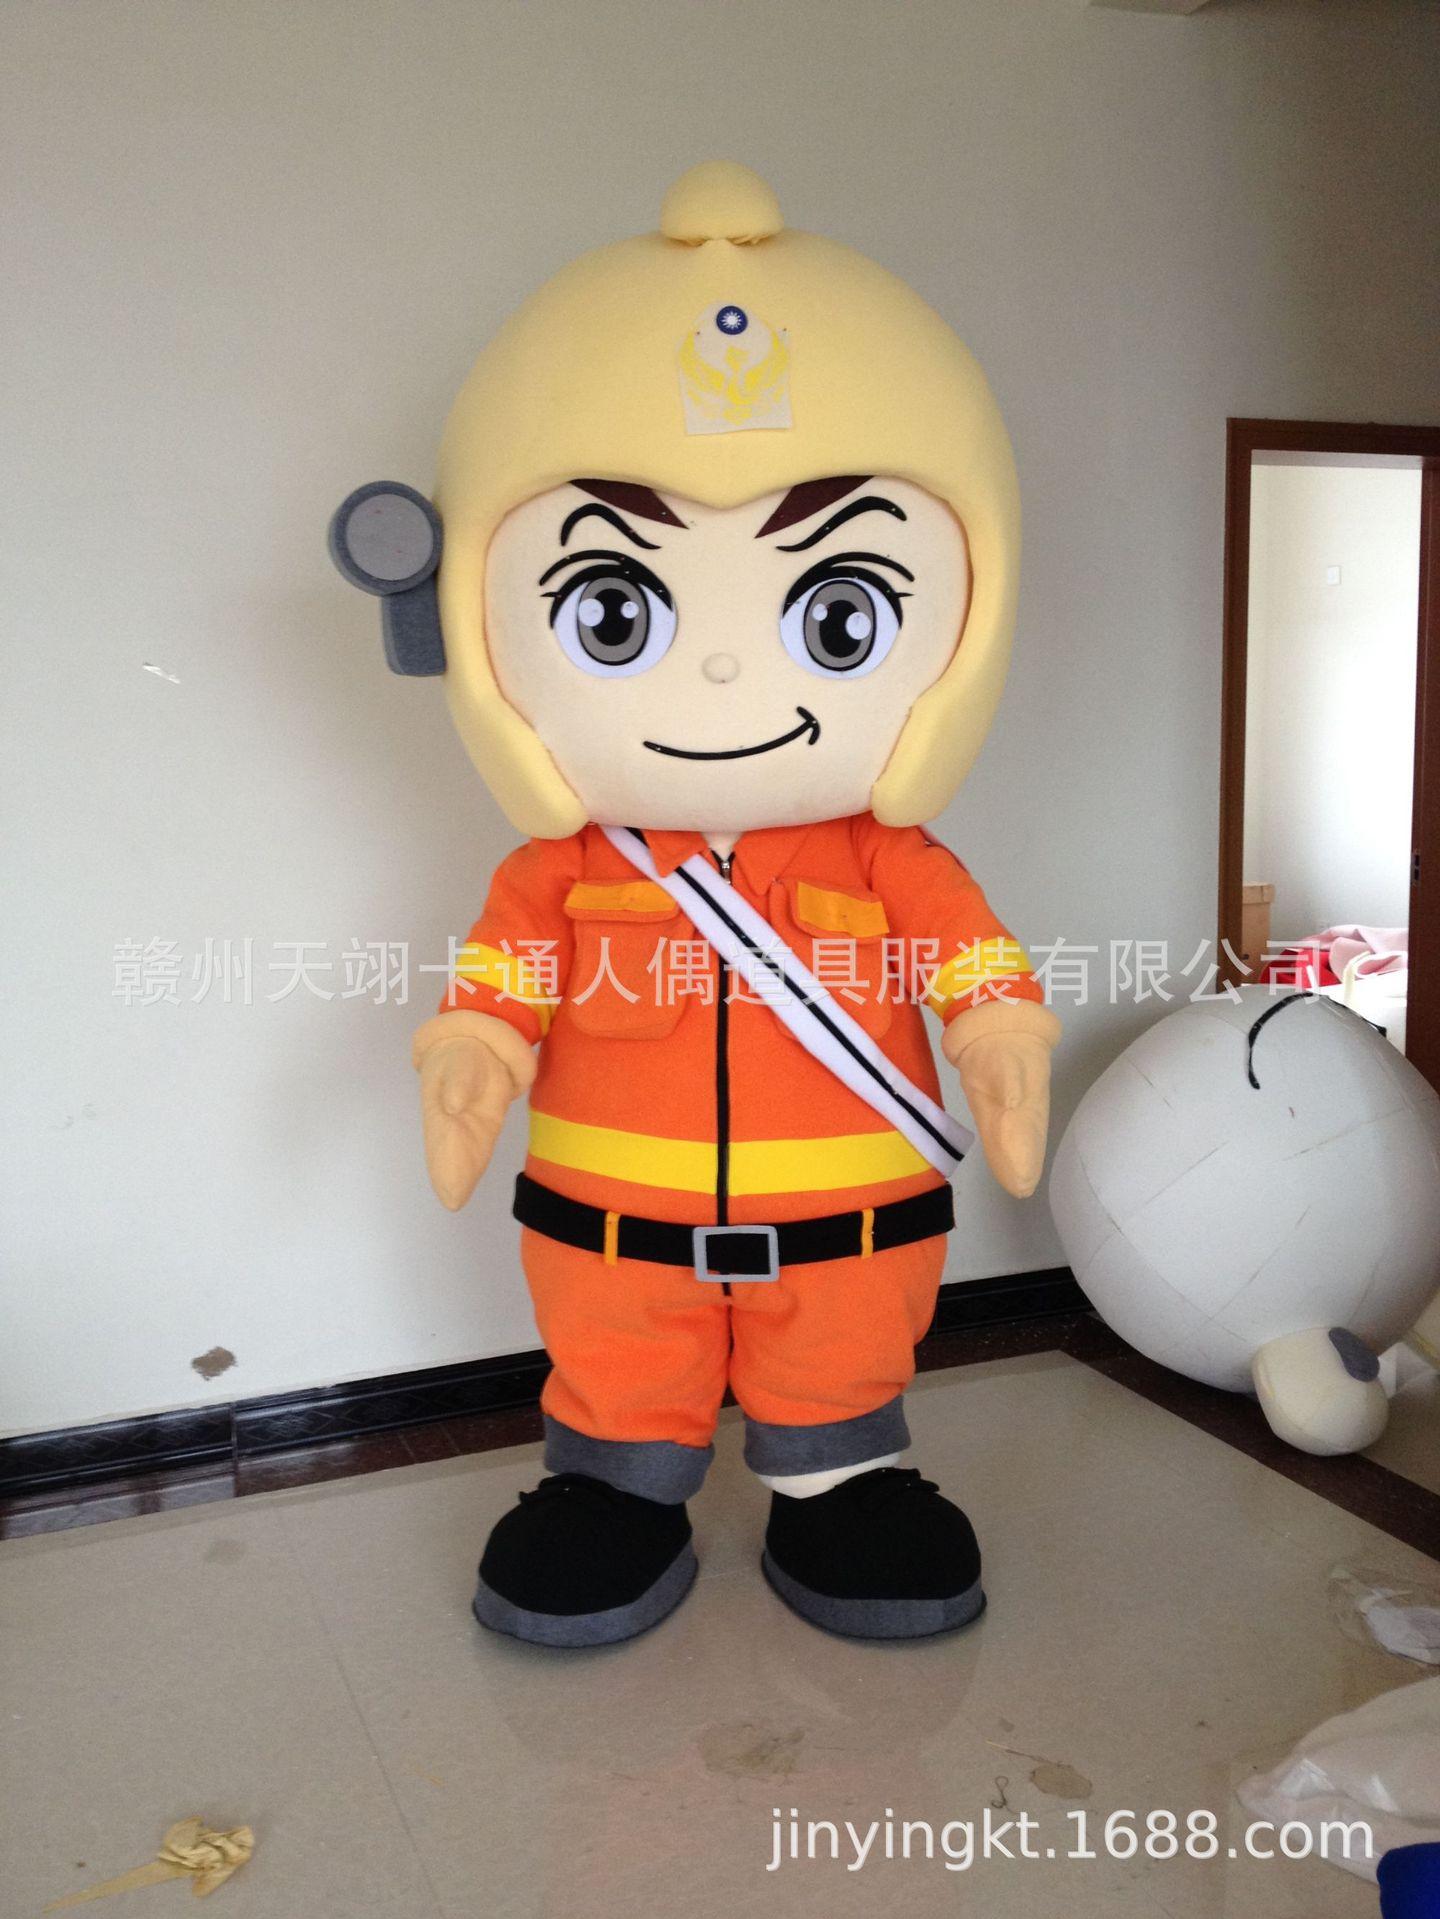 定制卡通人物服装制作人偶服饰行走玩偶大头娃娃出口版消防员